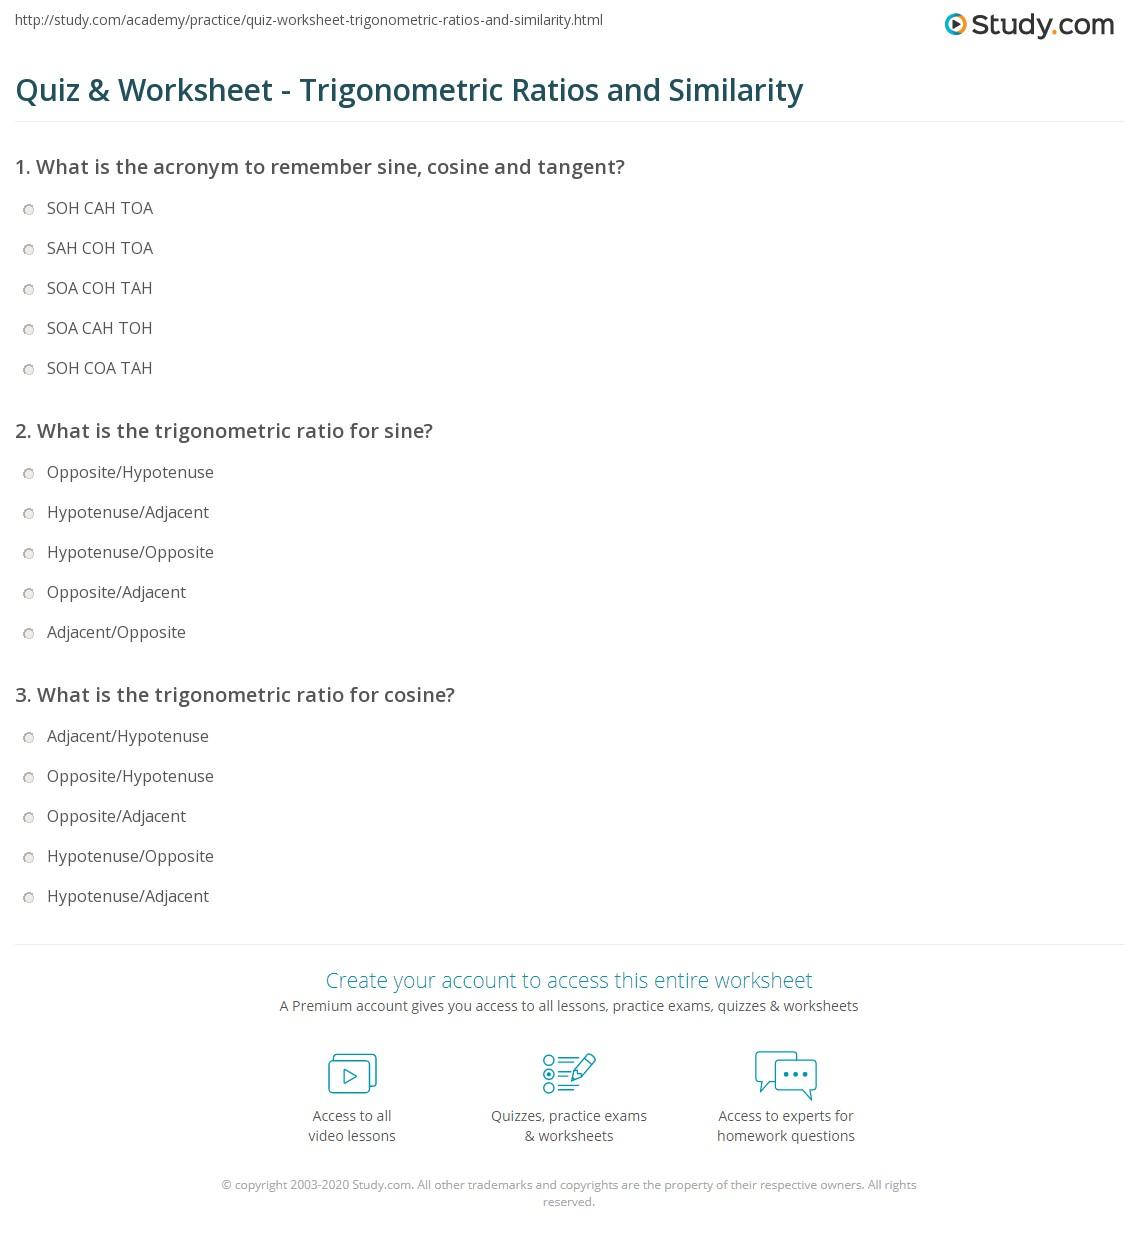 Printables Trig Ratios Worksheet Messygracebook